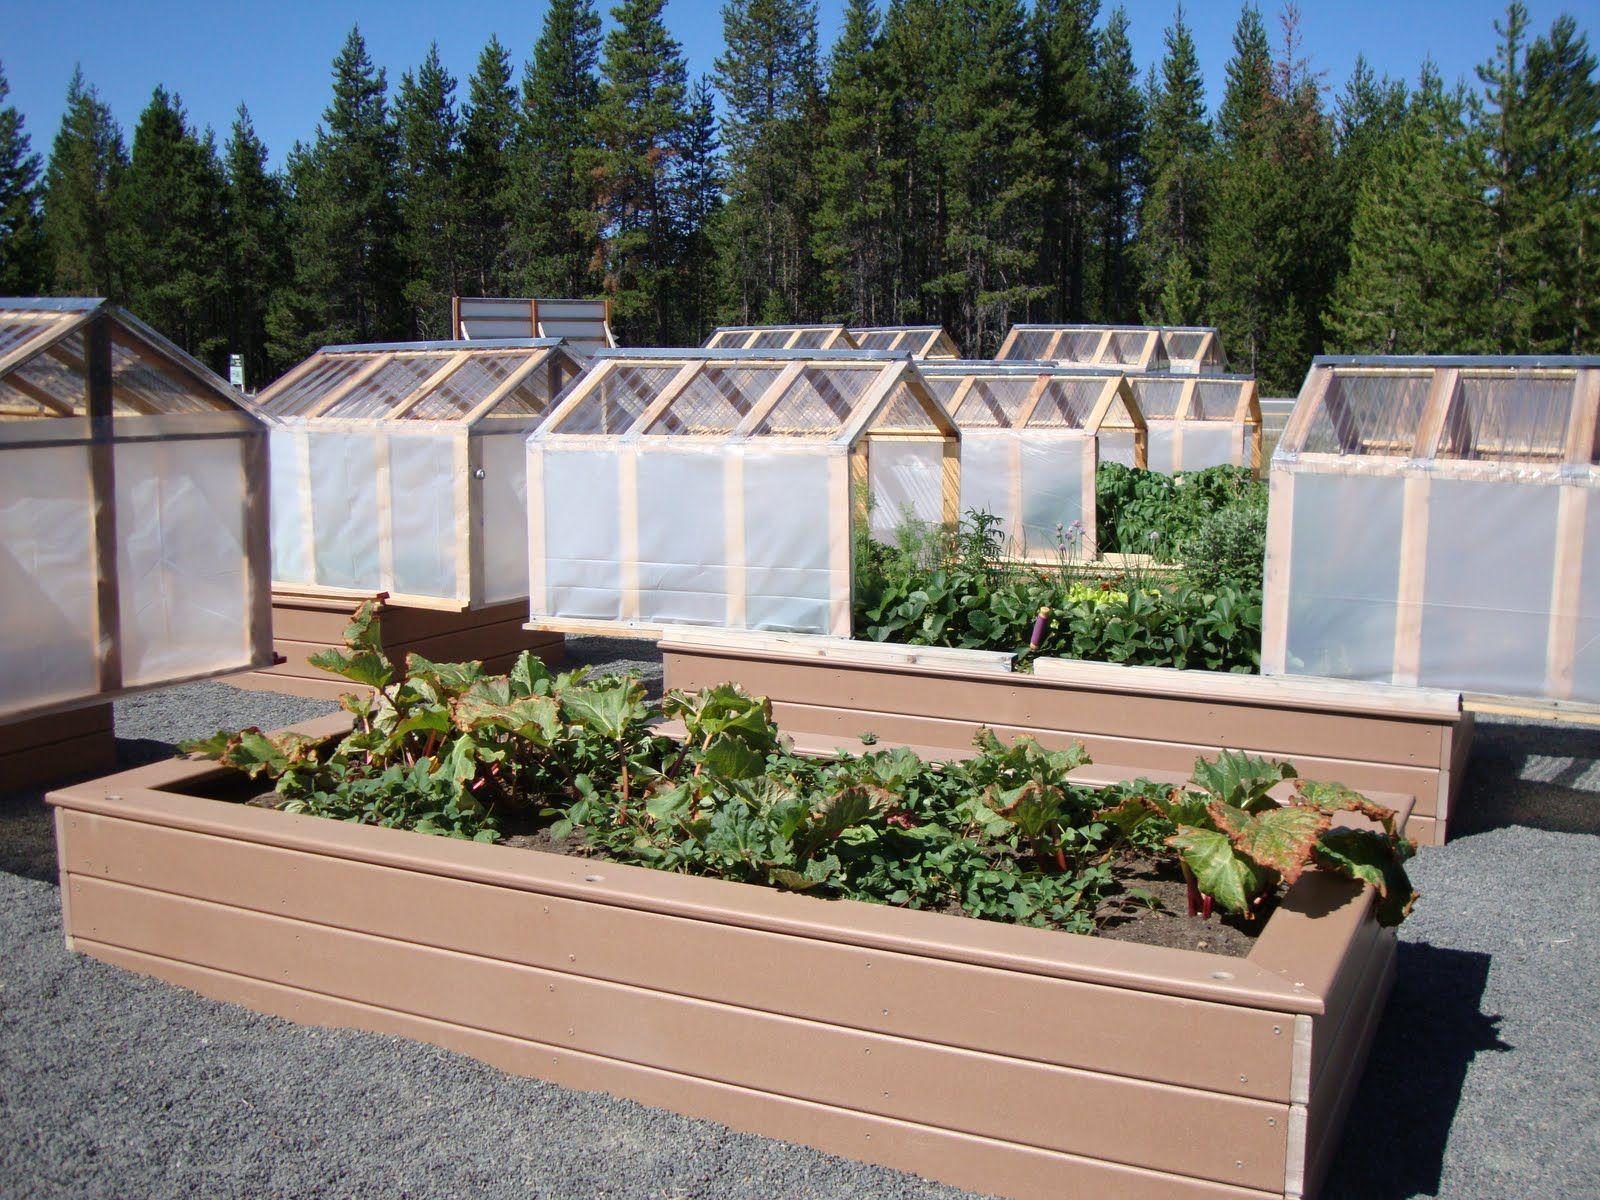 danger garden Minigreenhouses or raised beds? Both